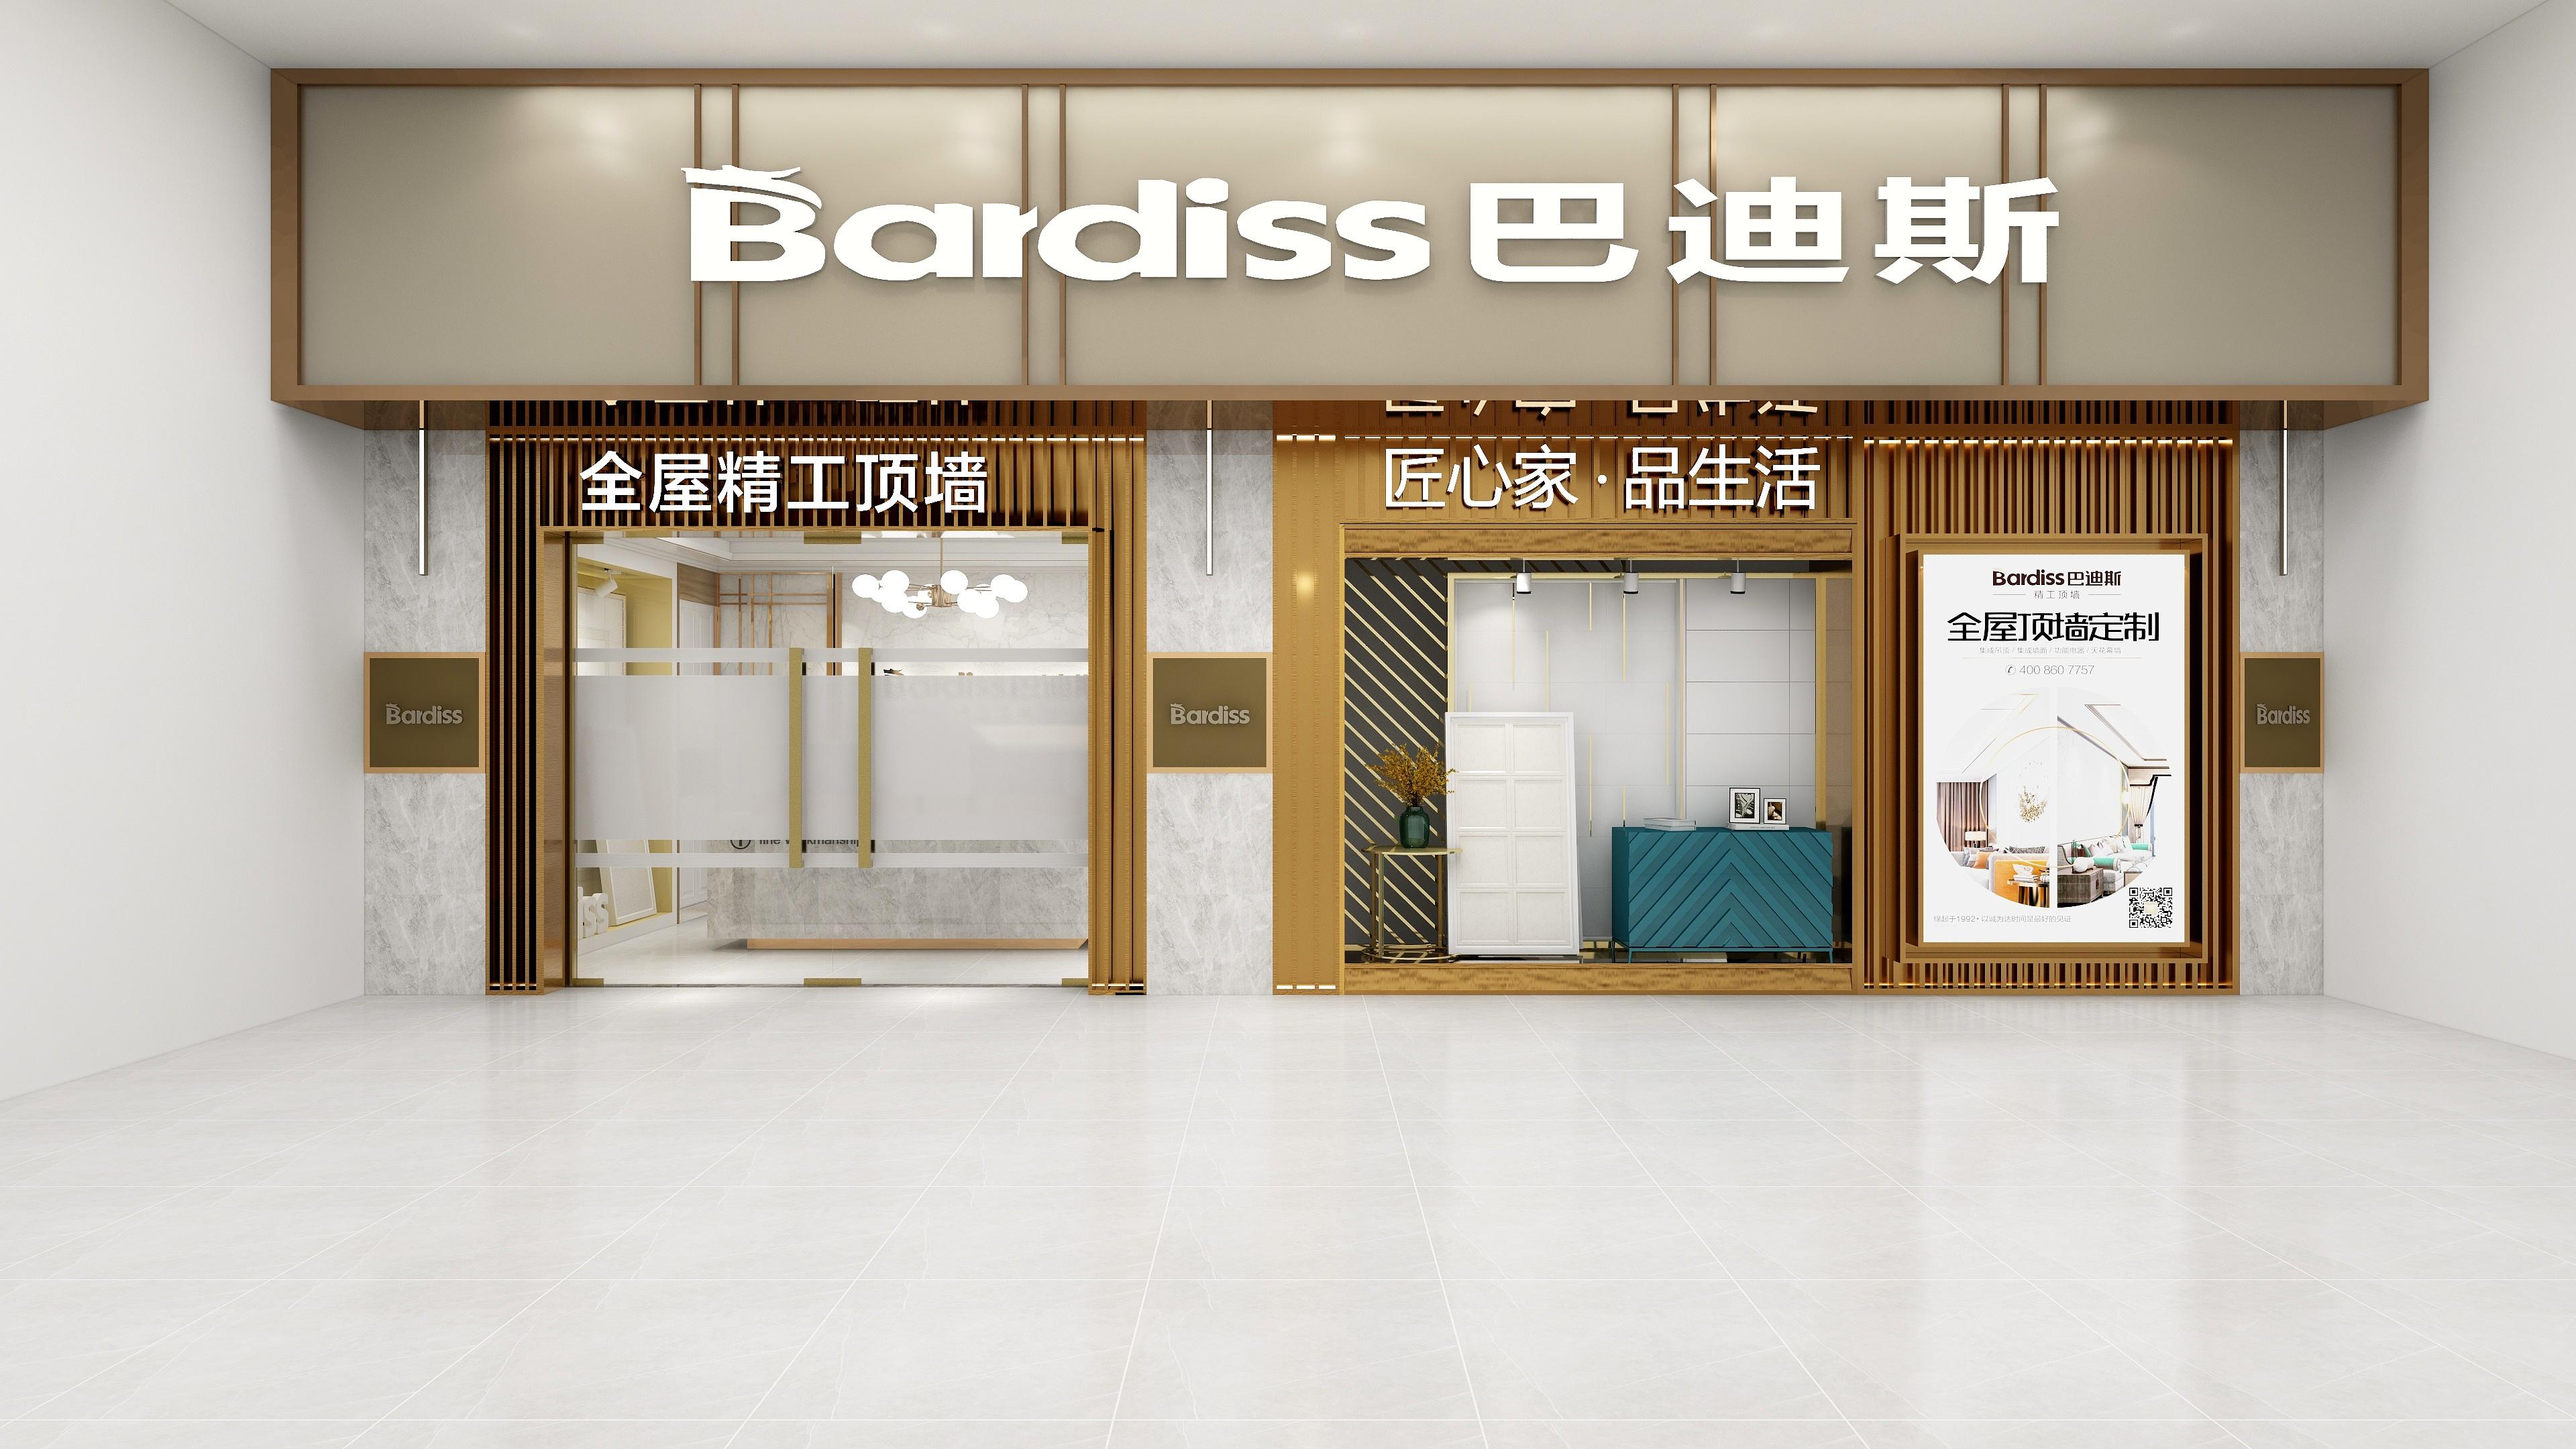 广西龙州●6代店 装修效果全景